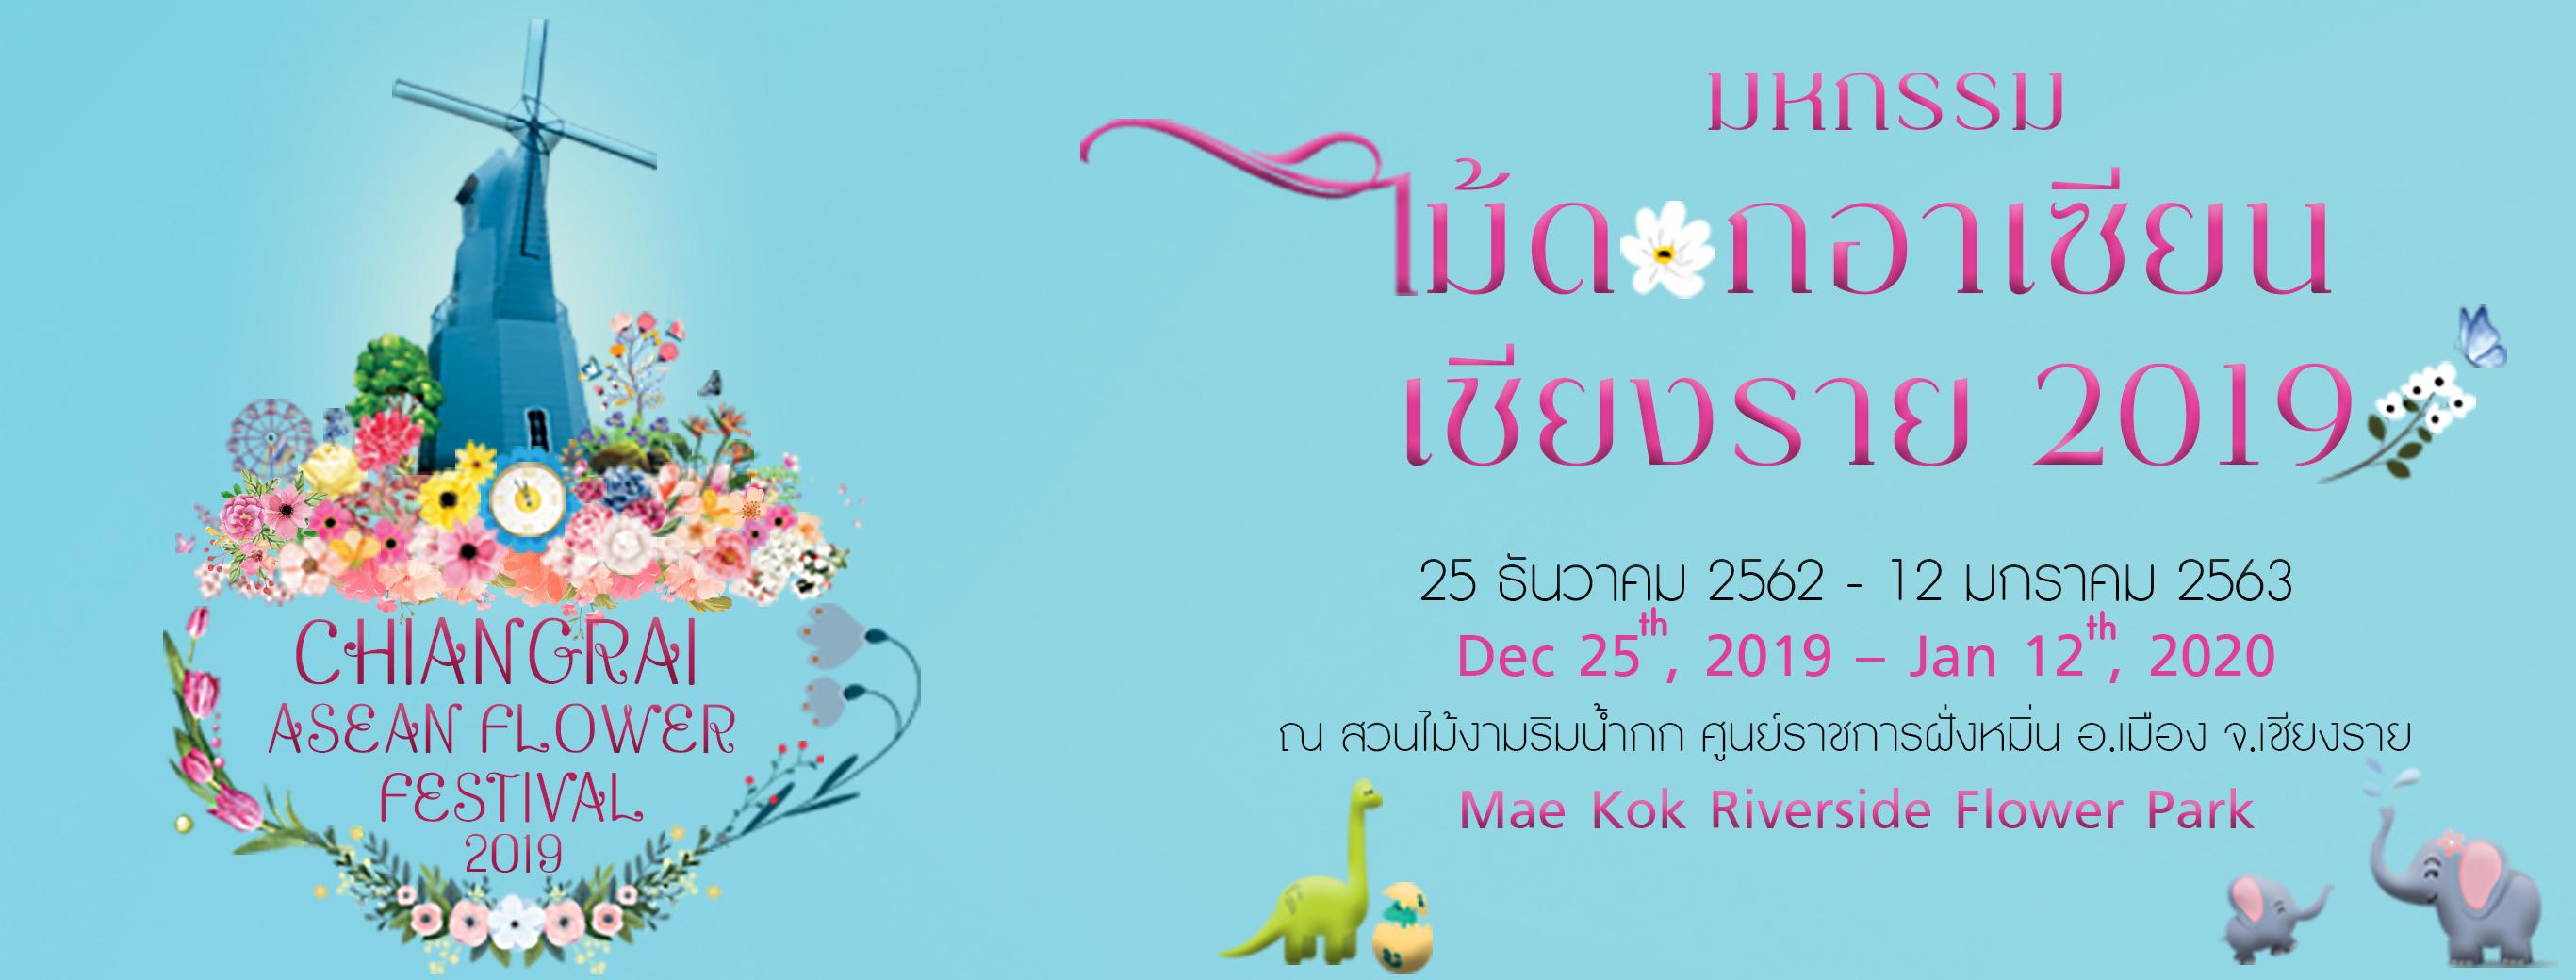 มหกรรมไม้ดอกอาเซียนเชียงราย 2562 (Chiang rai Asean Flower Festival 2019)